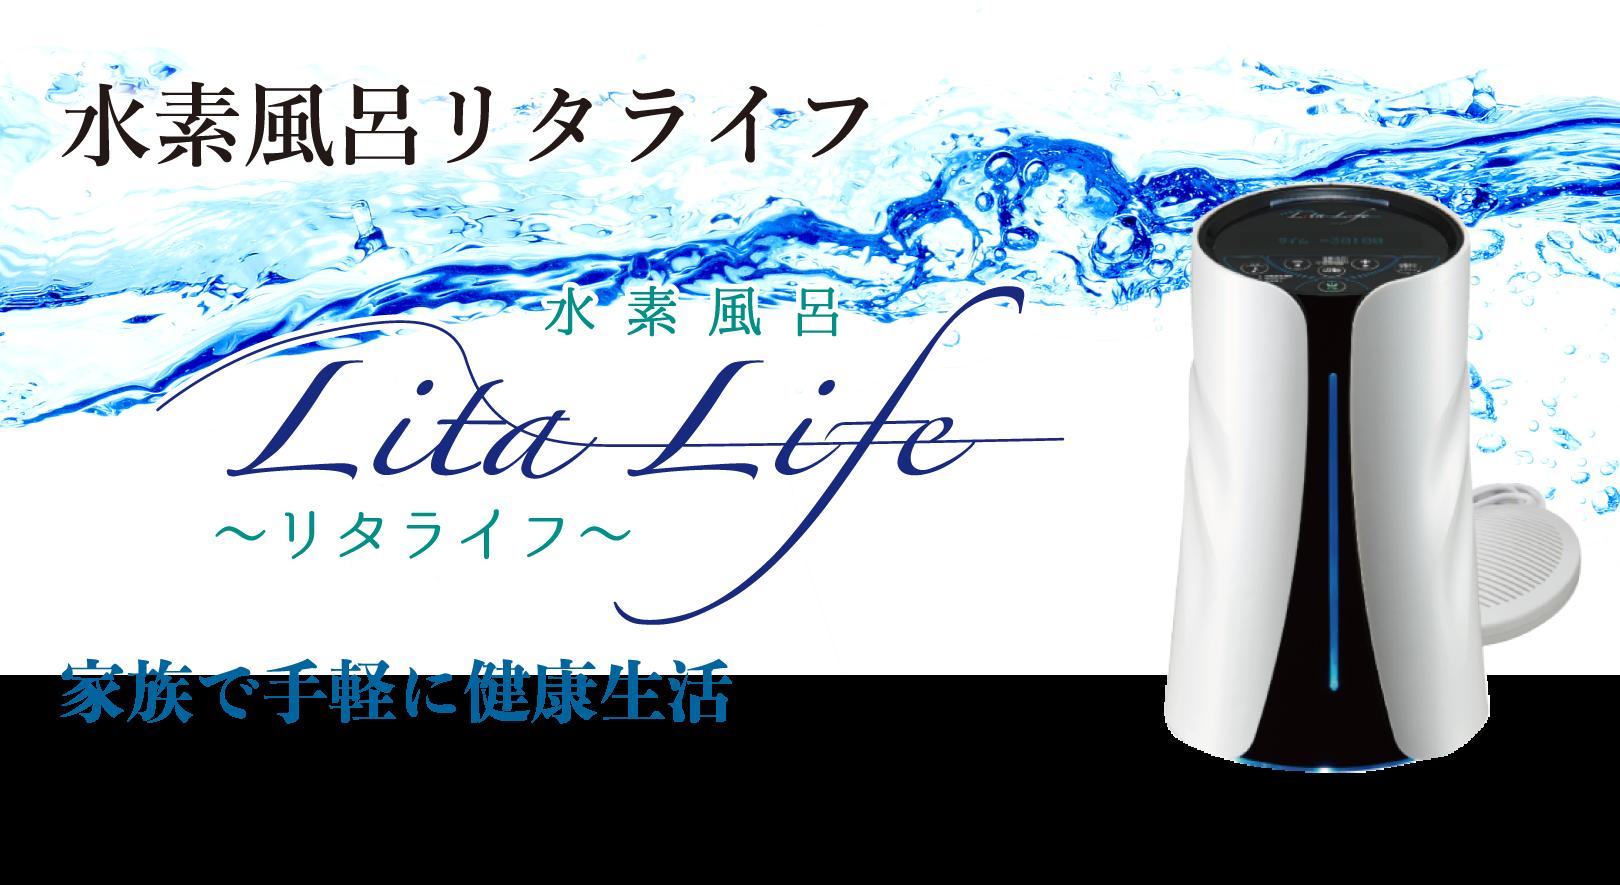 水素風呂リタライフ Lita Life 家族で手軽に健康生活